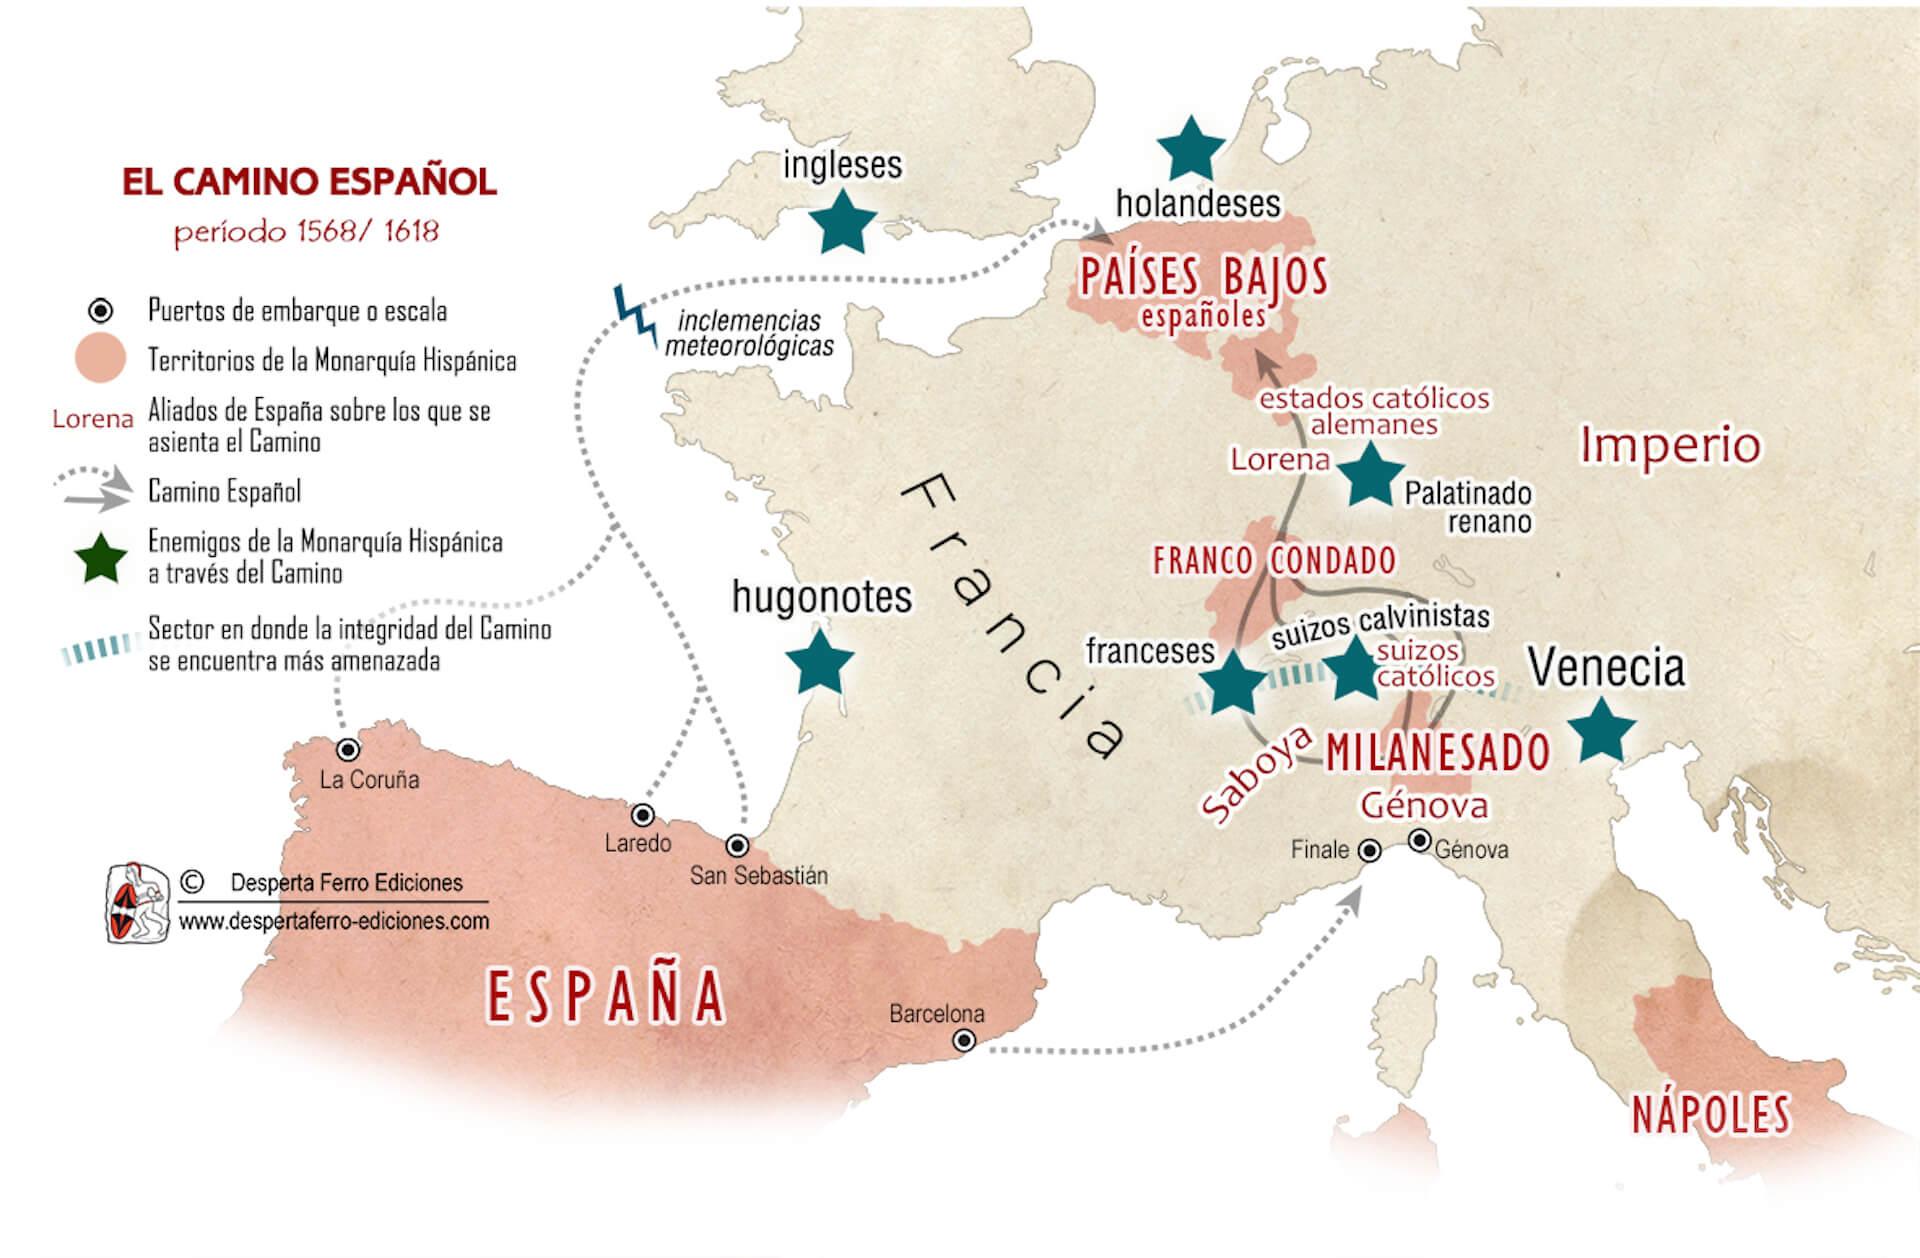 Camino español